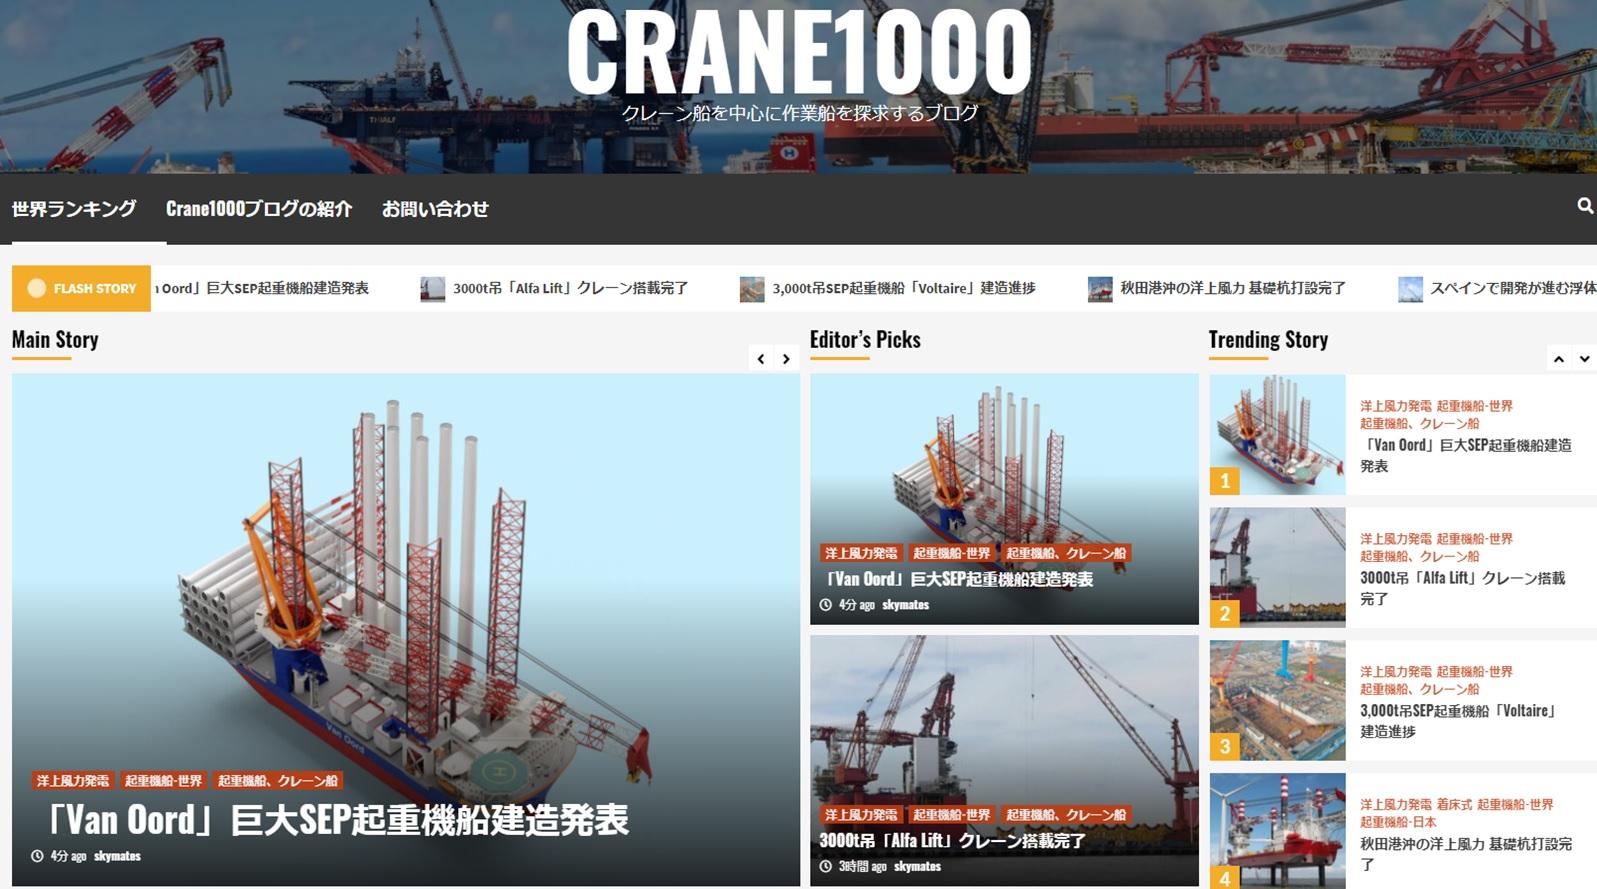 crane1000-000.jpg